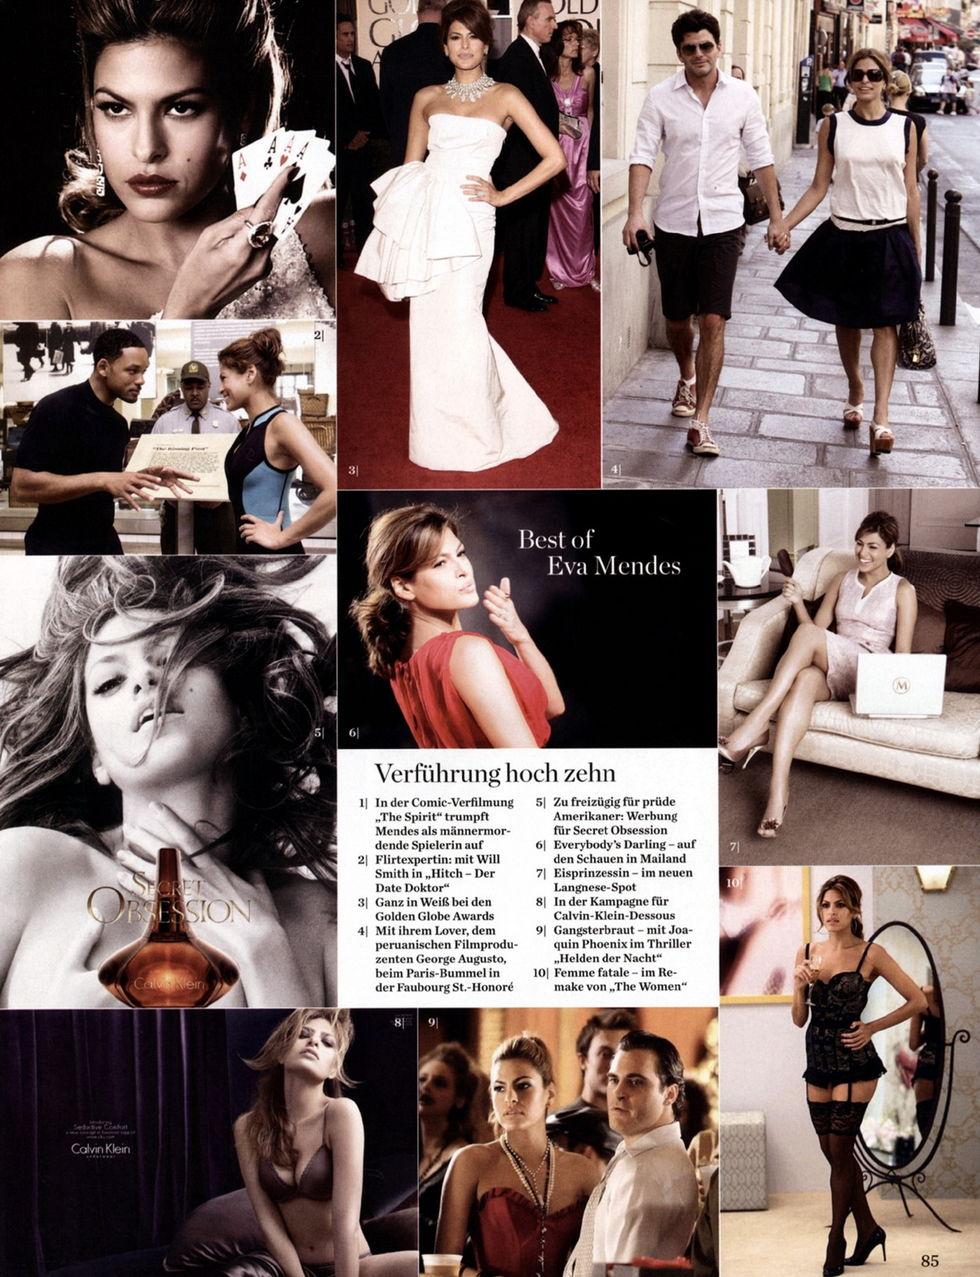 eva-mendes-amica-magazine-june-2009-01